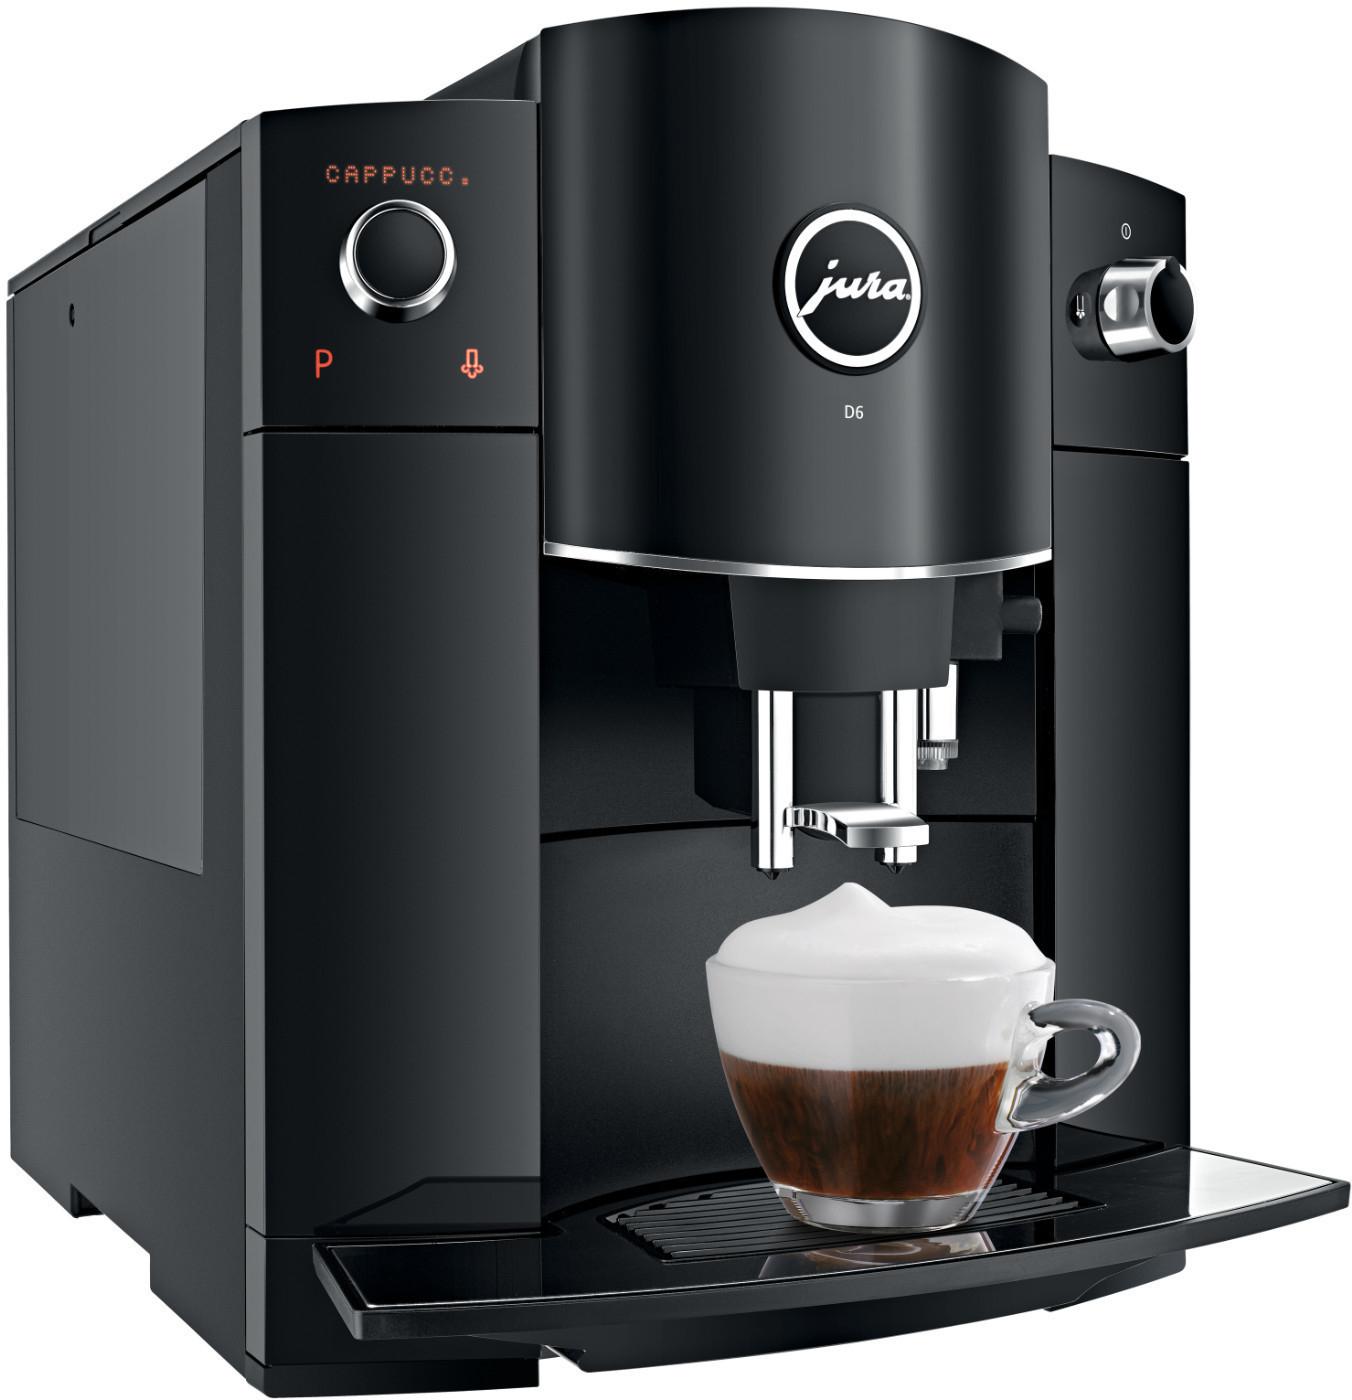 Kaffeevollautomat Jura D6 Piano Black (15bar, 1.9l mit Filter, 200g Bohnenbehälter, Milchsystem, Display)